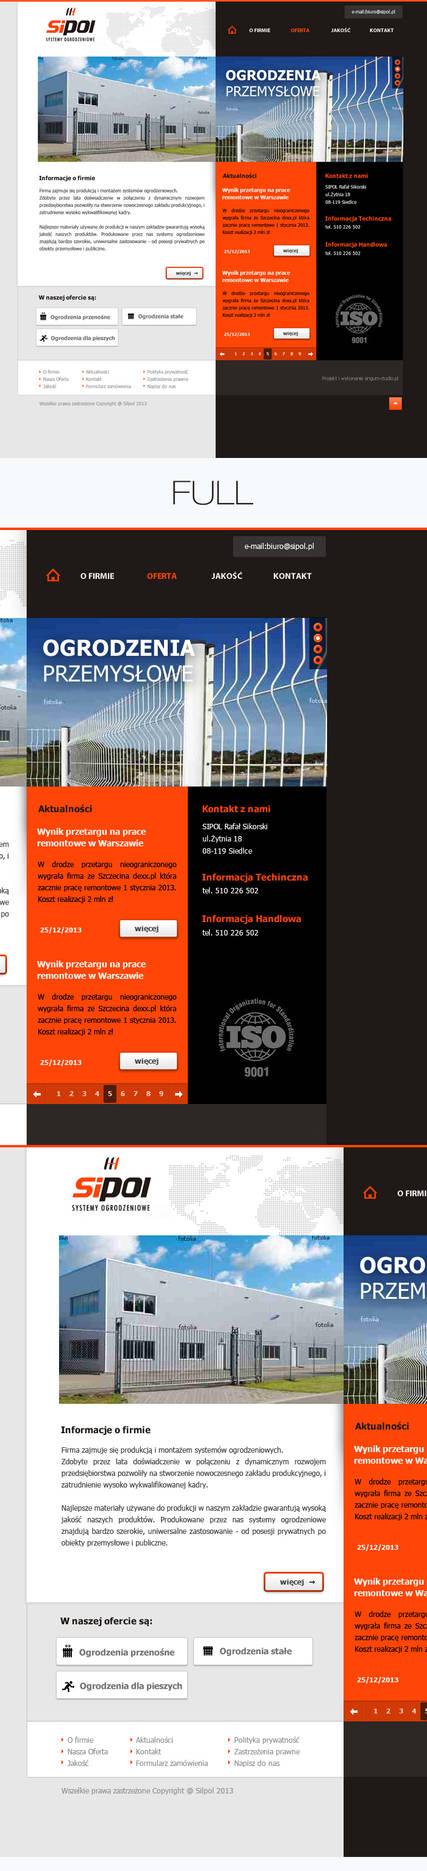 SilPol corporate webiste